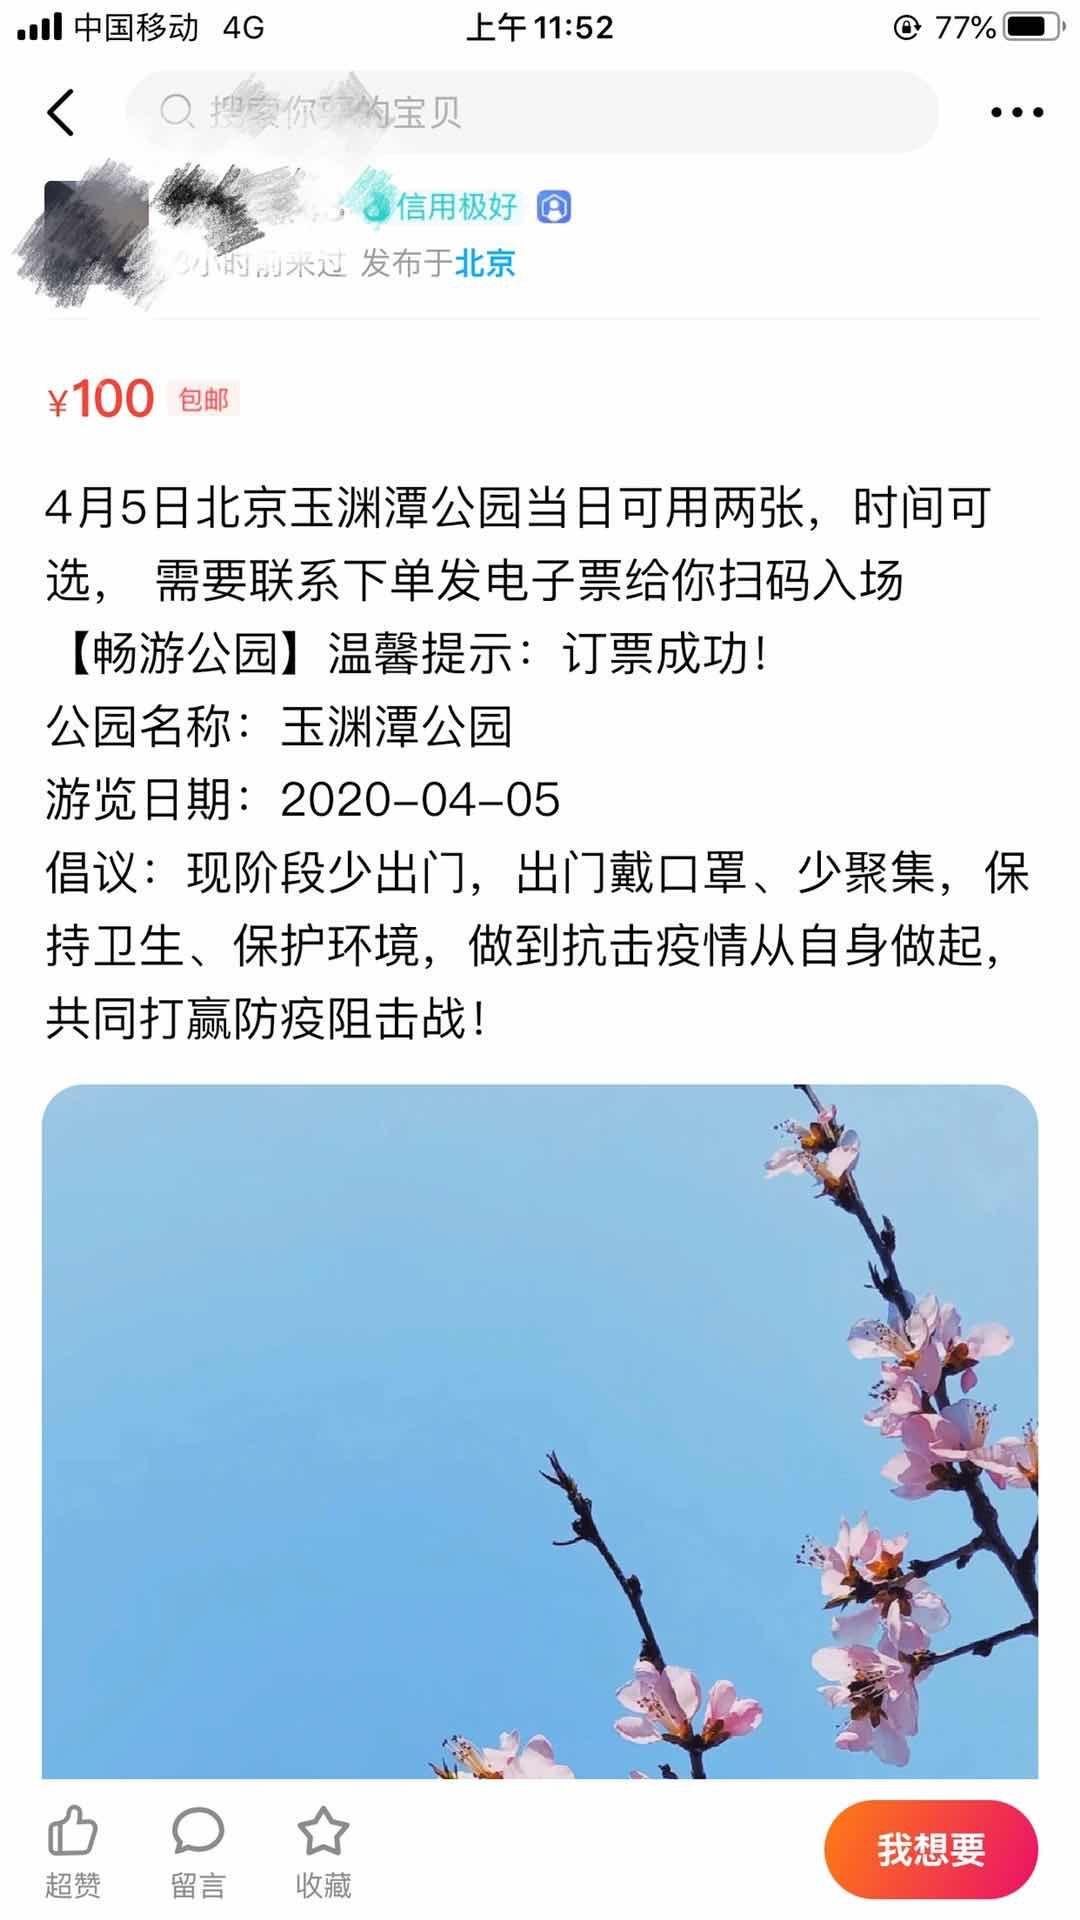 蓝冠官网:网络平台高价蓝冠官网倒卖玉渊潭门票图片